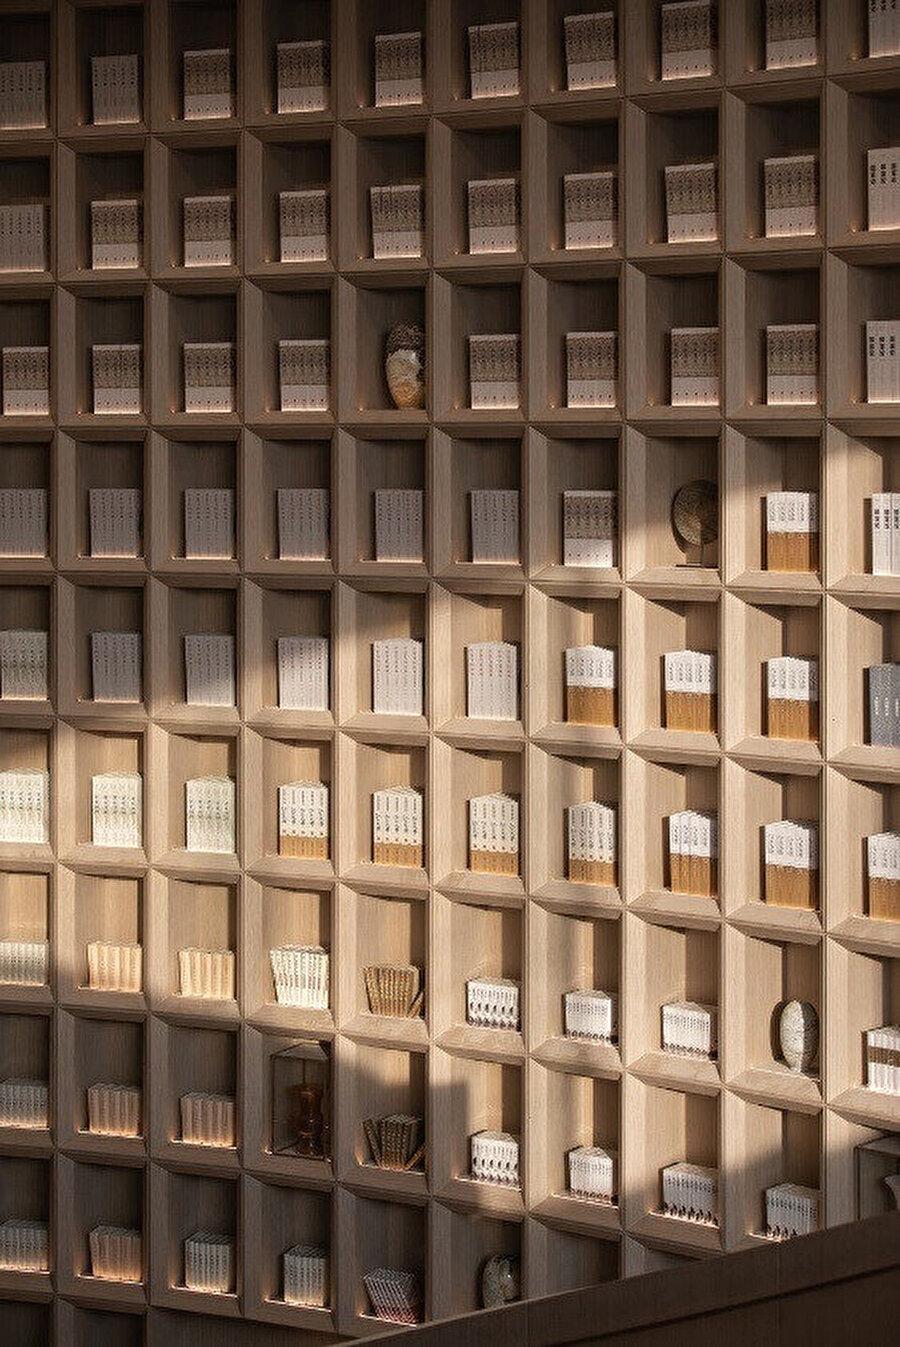 Arşivler, bambudan yapılmış kütüphanede sergileniyor.